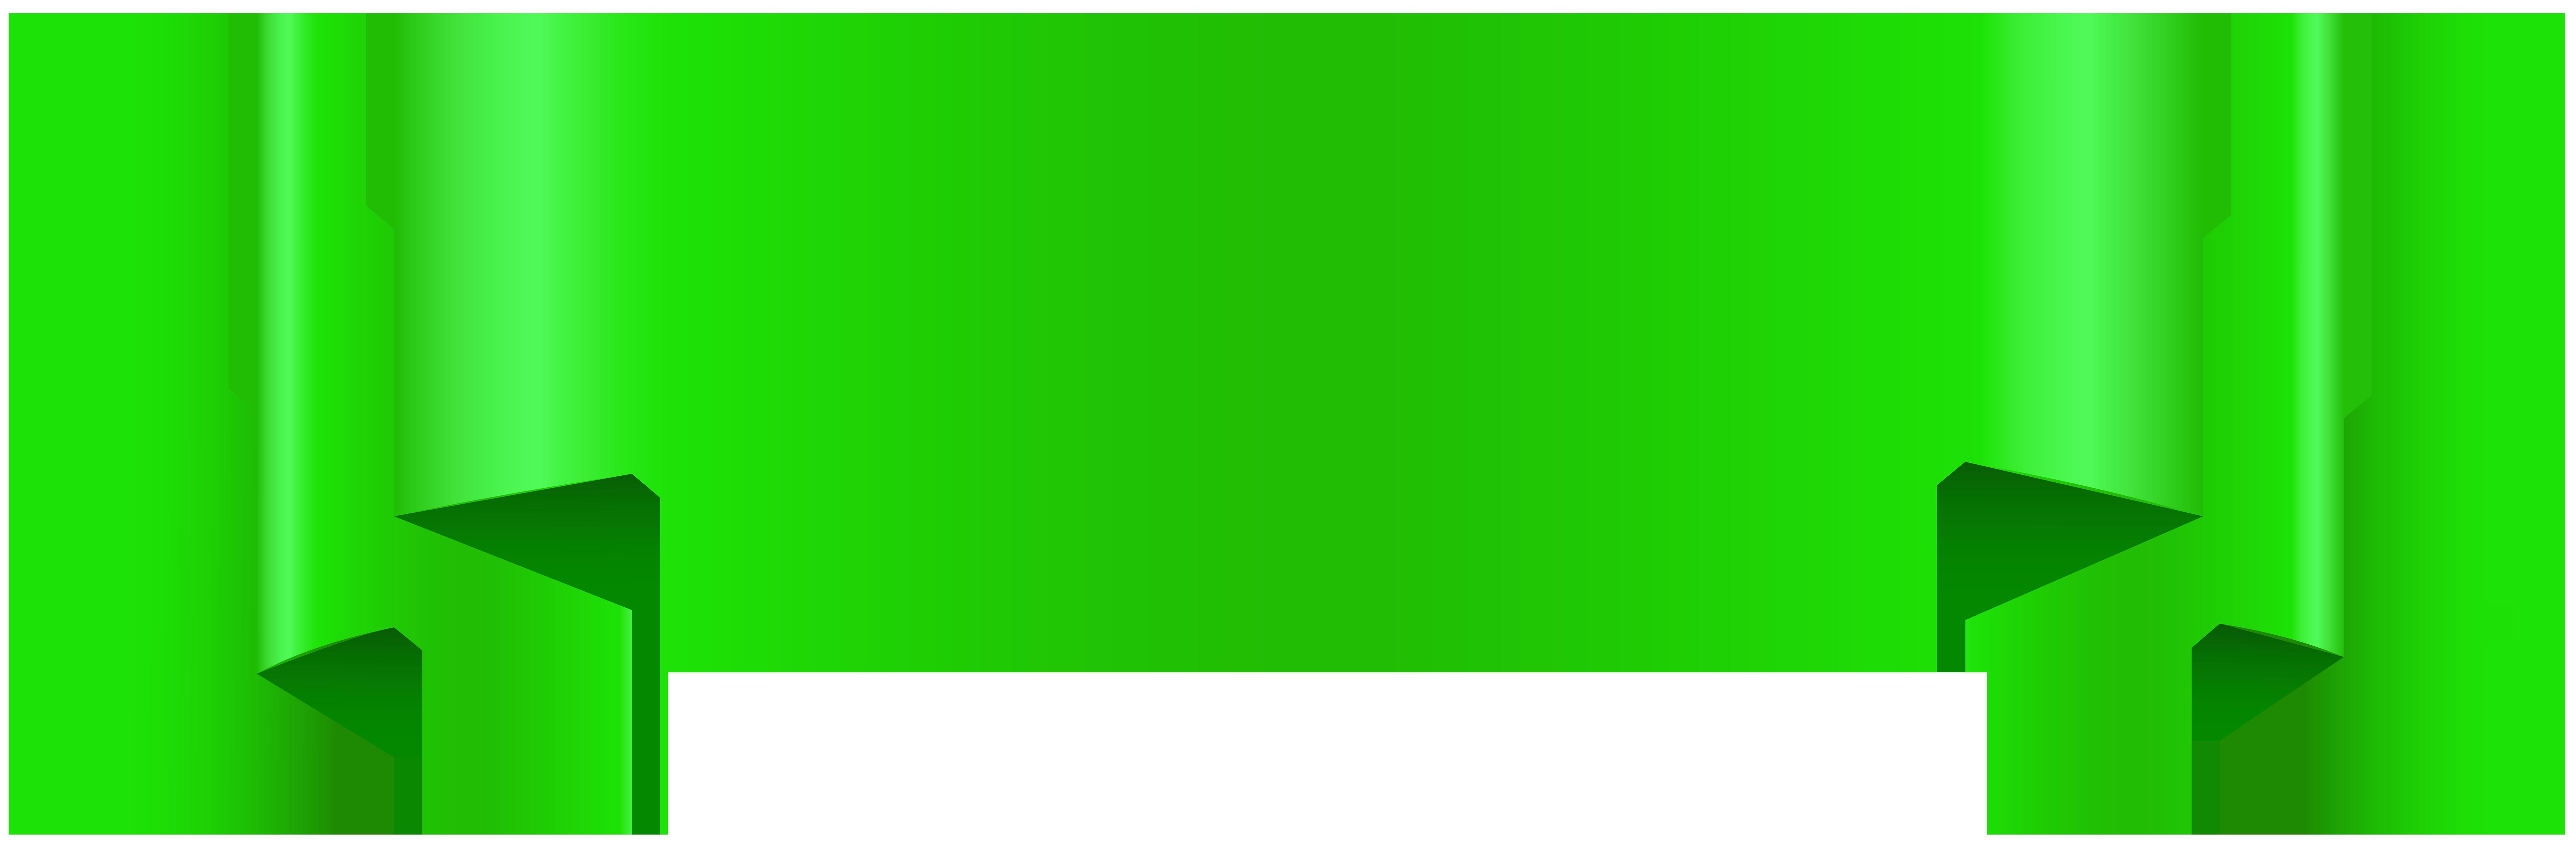 Green Banner Transparent Clip Art.